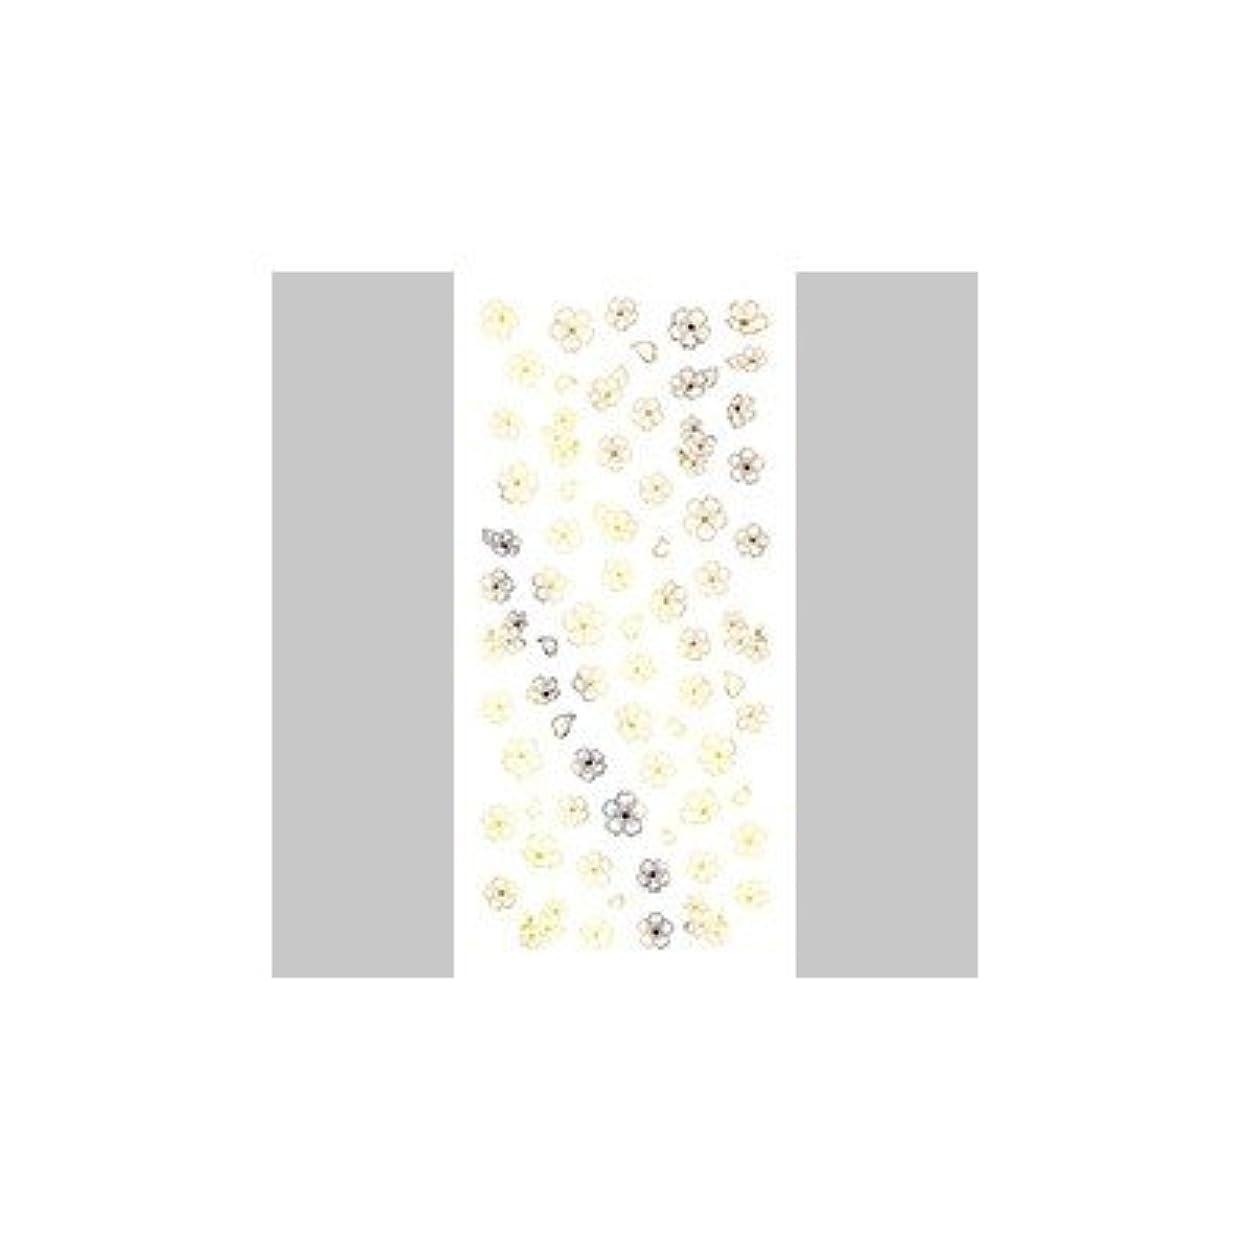 思慮深いループグラスツメキラ(TSUMEKIRA) ネイル用シール さくら5 ゴールド SG-SKR-502